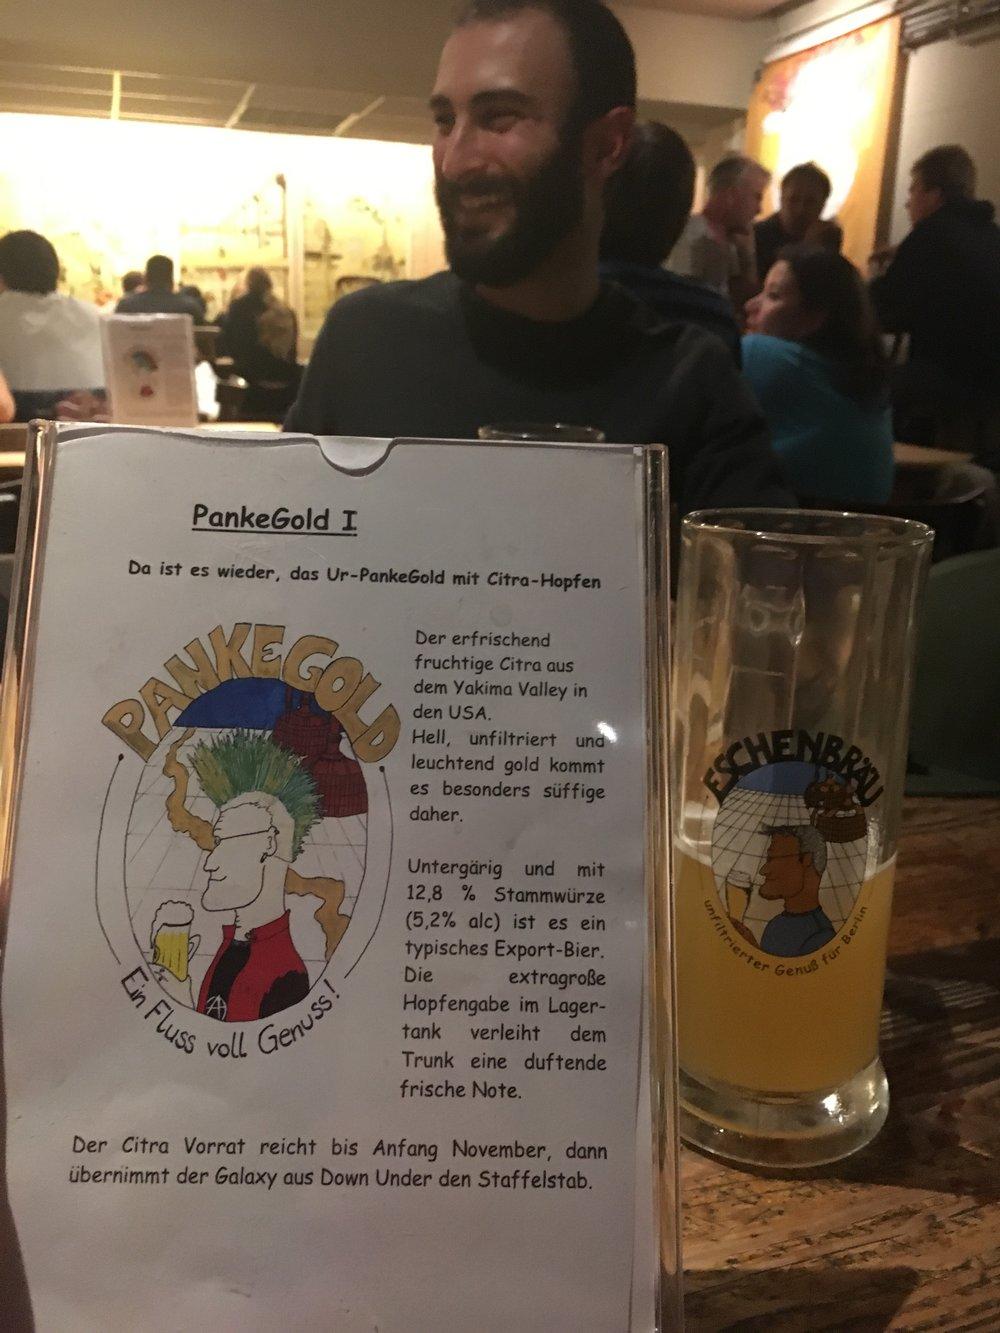 Eschenbraeu_Berlin-Wedding_Panke-Gold-Bier.JPG